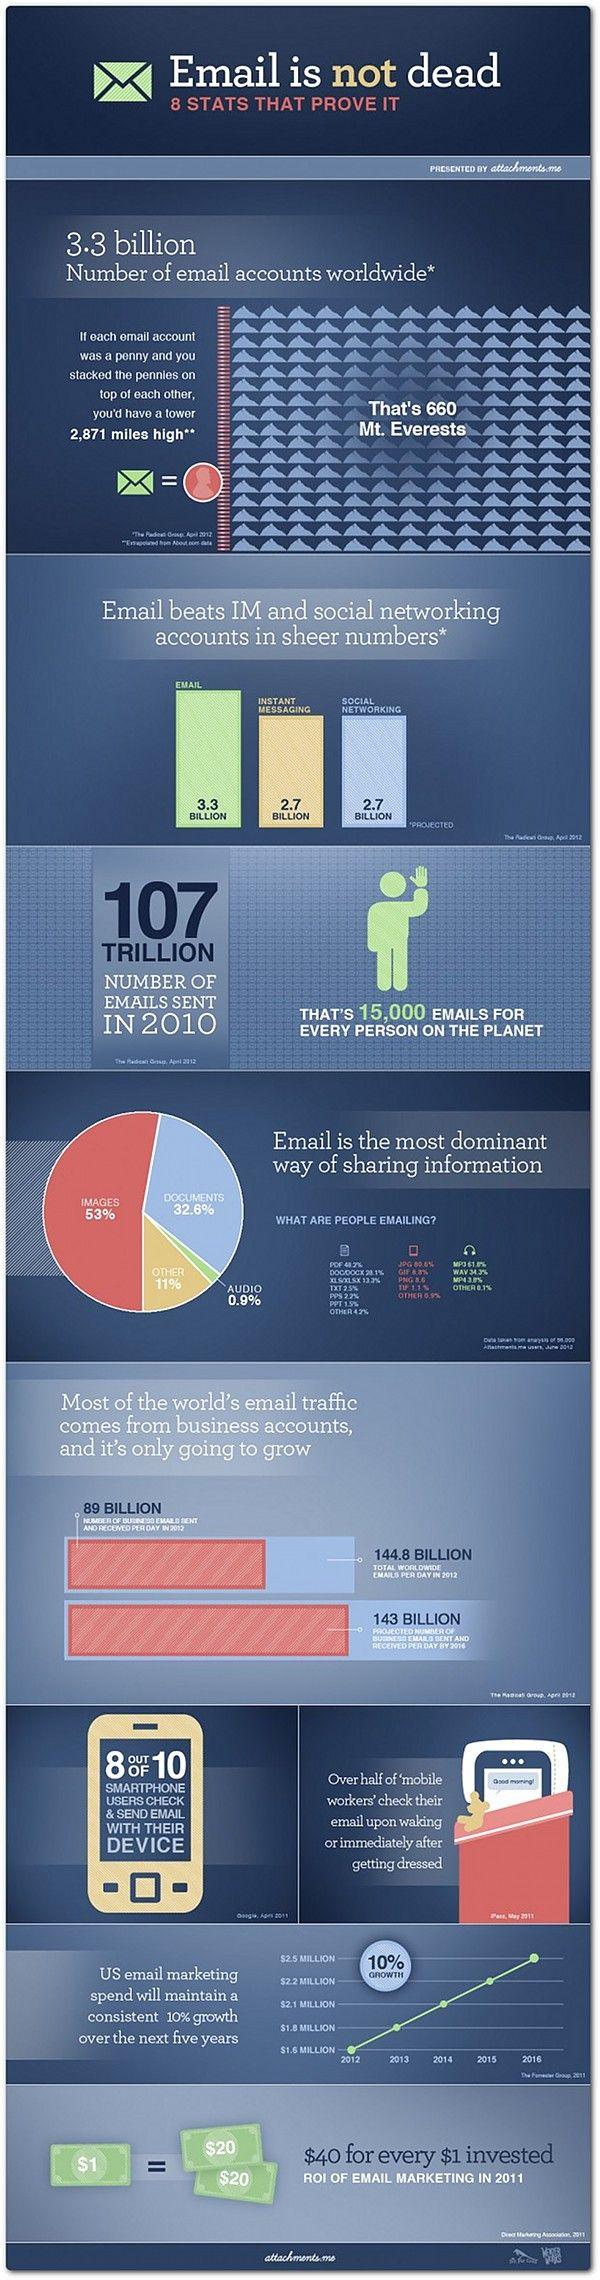 Estat�sticas Que Discutem Sobre A Eficiencia Do Emailo Ferramenta De  Marketing (o Email Marketing